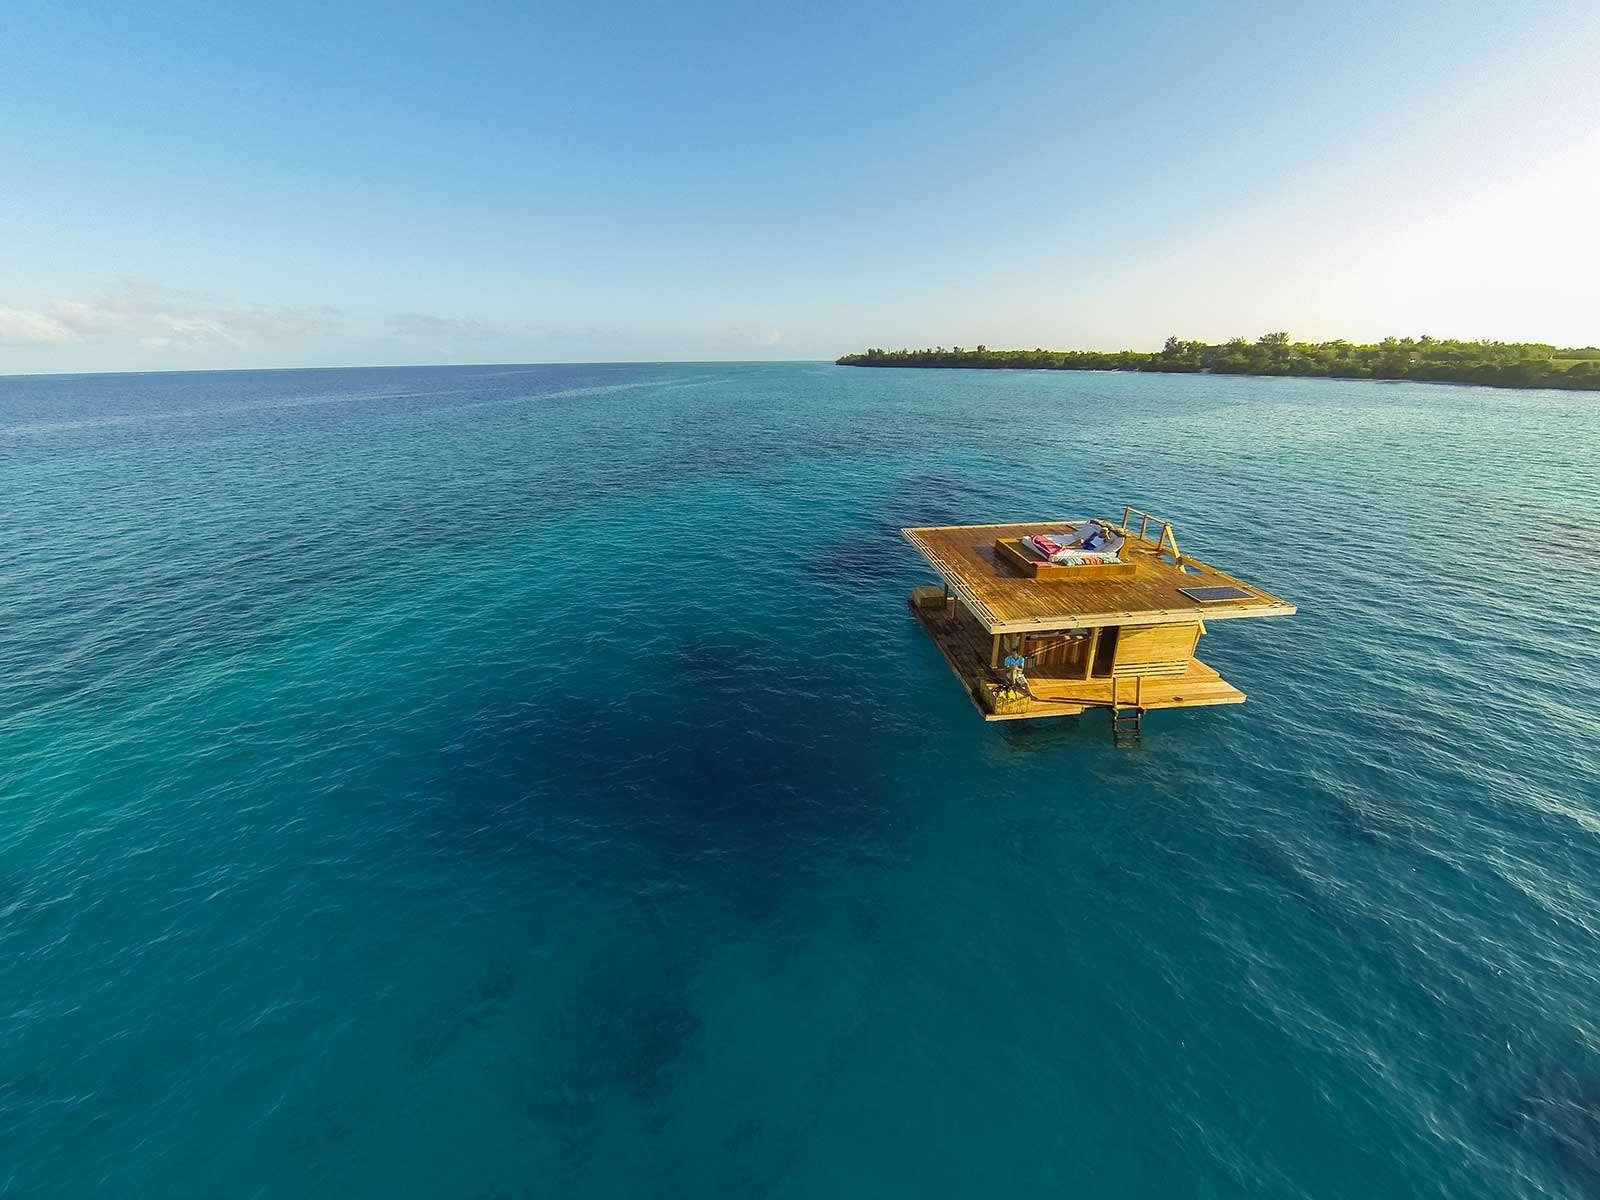 غرف فنادق مذهلة تحت الماء 6